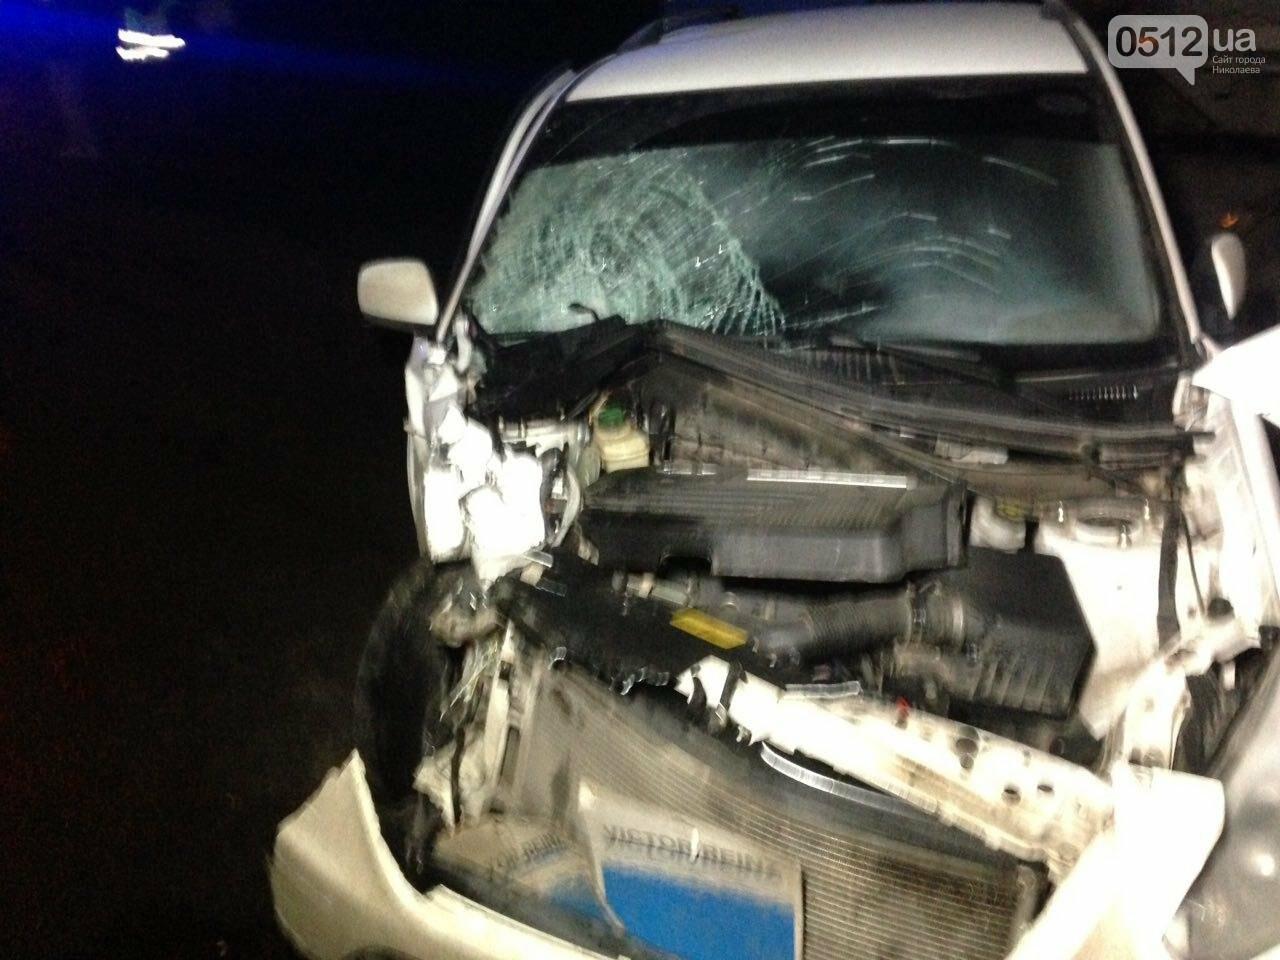 """На въезде в Николаев """"легковушка"""" лоб в лоб столкнулась с грузовиком - есть пострадавшие, - ФОТО, ВИДЕО, фото-3"""